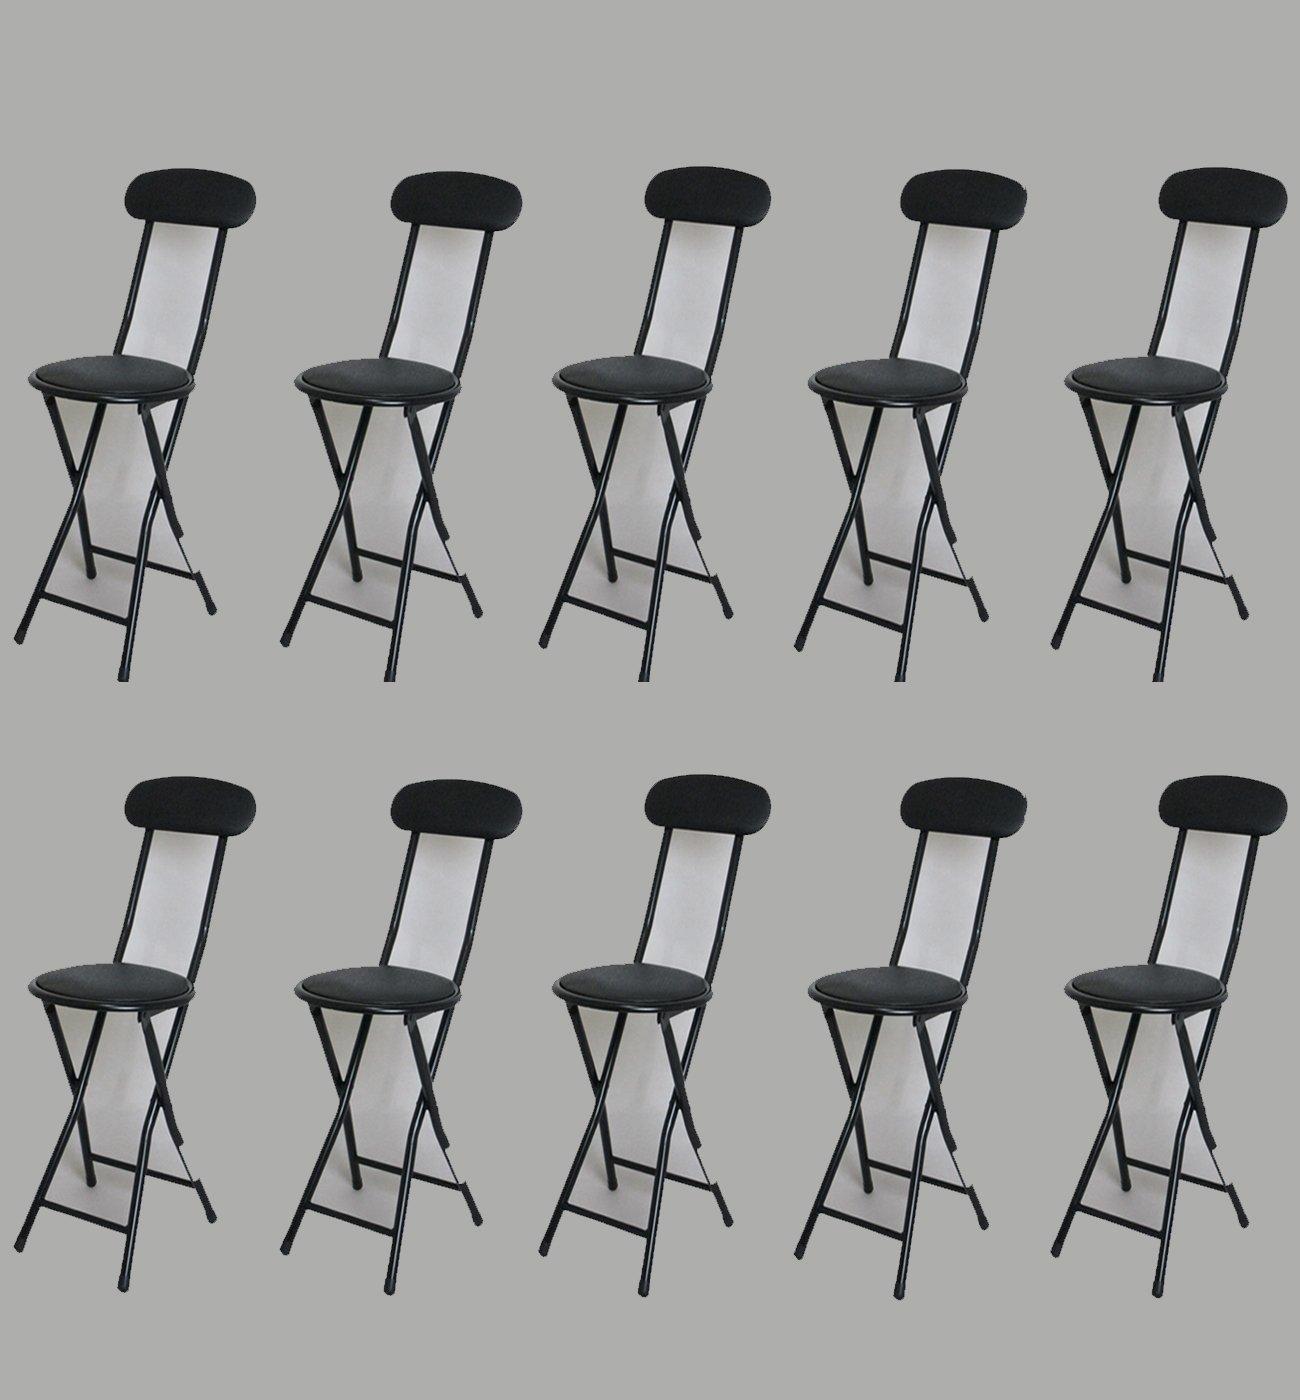 10脚セット 折りたたみチェアー パイプ椅子 ブラック hd-2000 bk-10 B00R92Z6YM